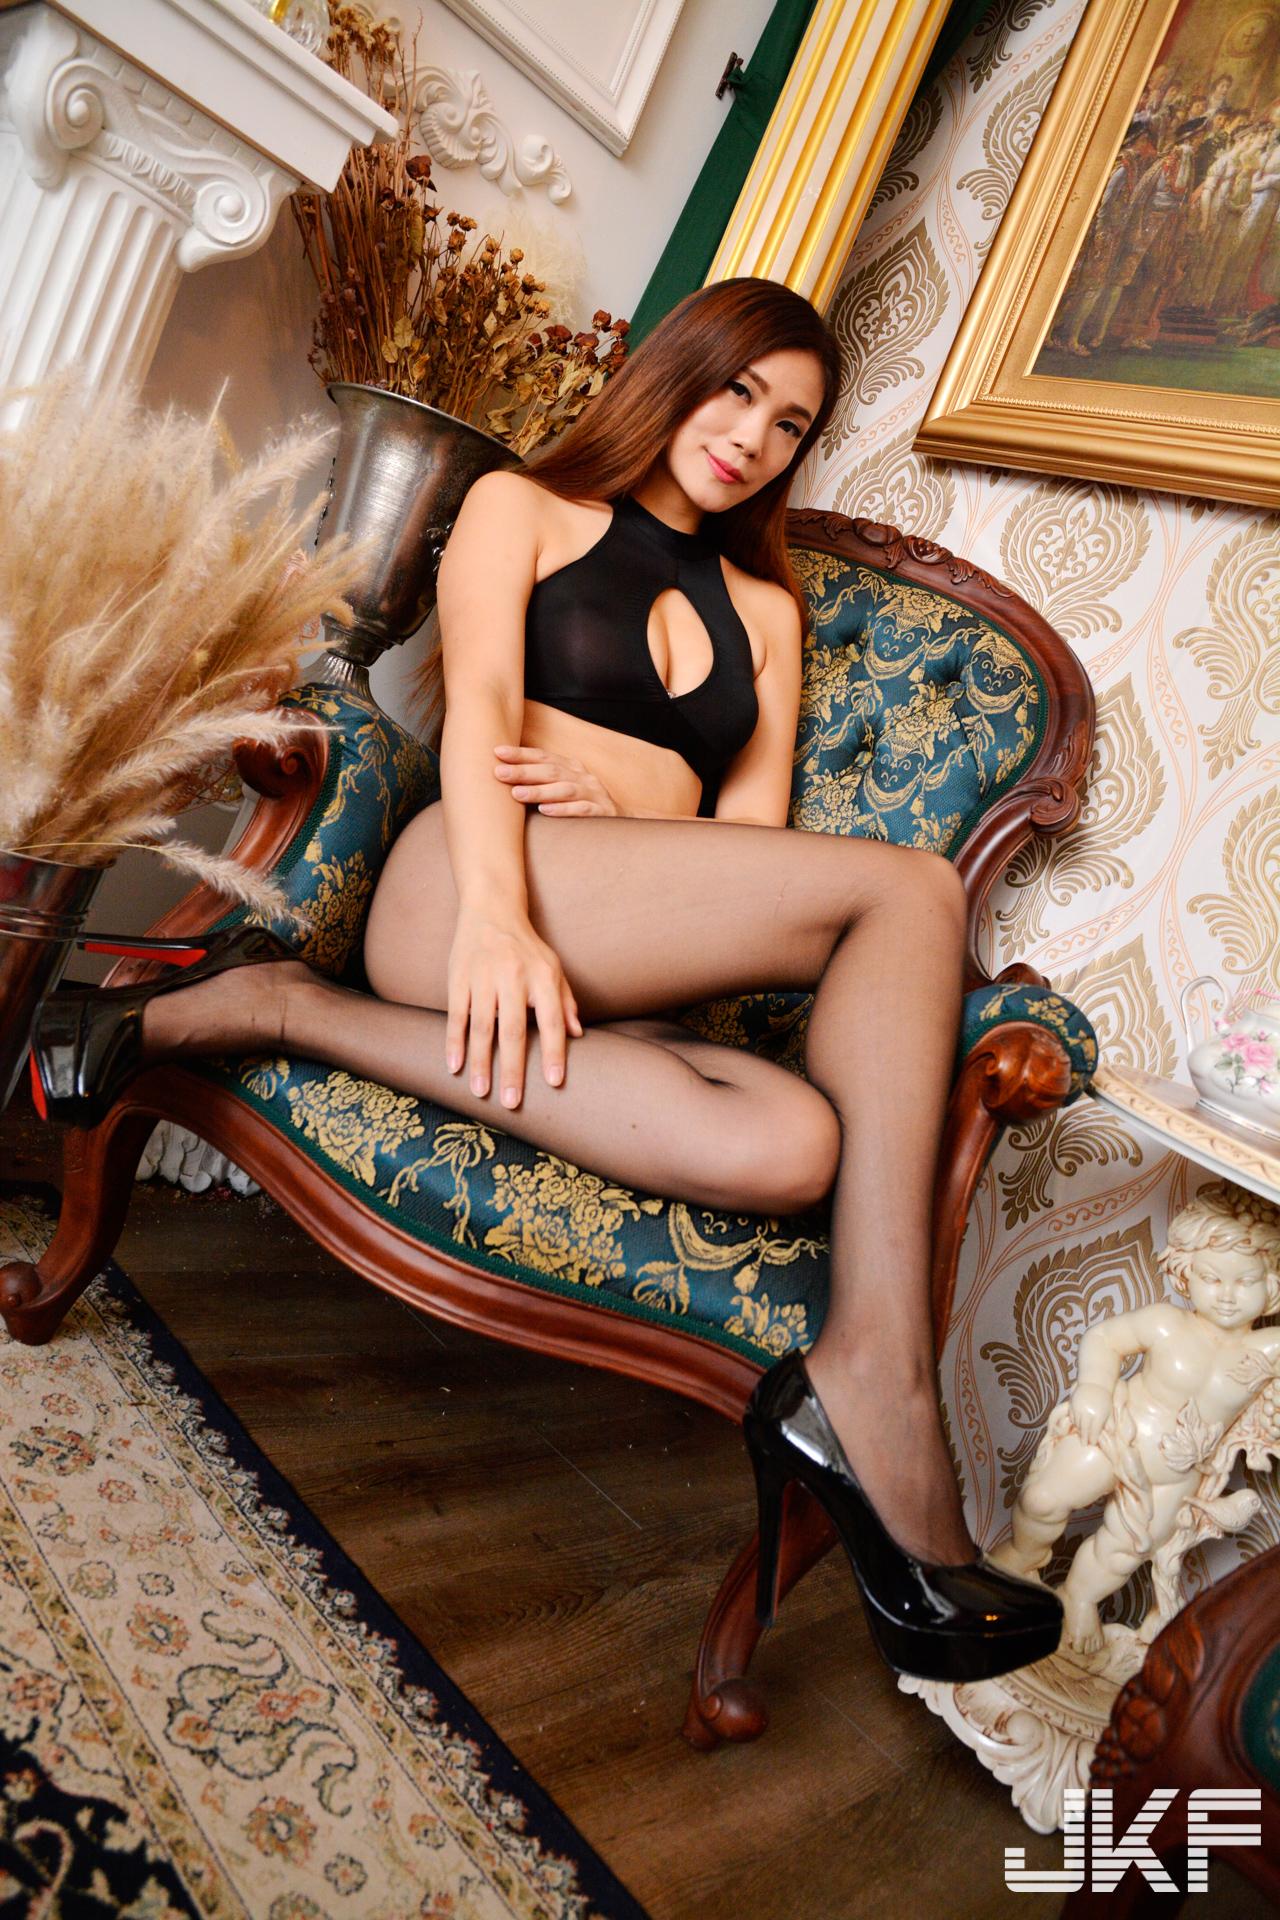 性感长腿小姐姐@多丽Doris福利写真图片欣赏 高清套图 第2张